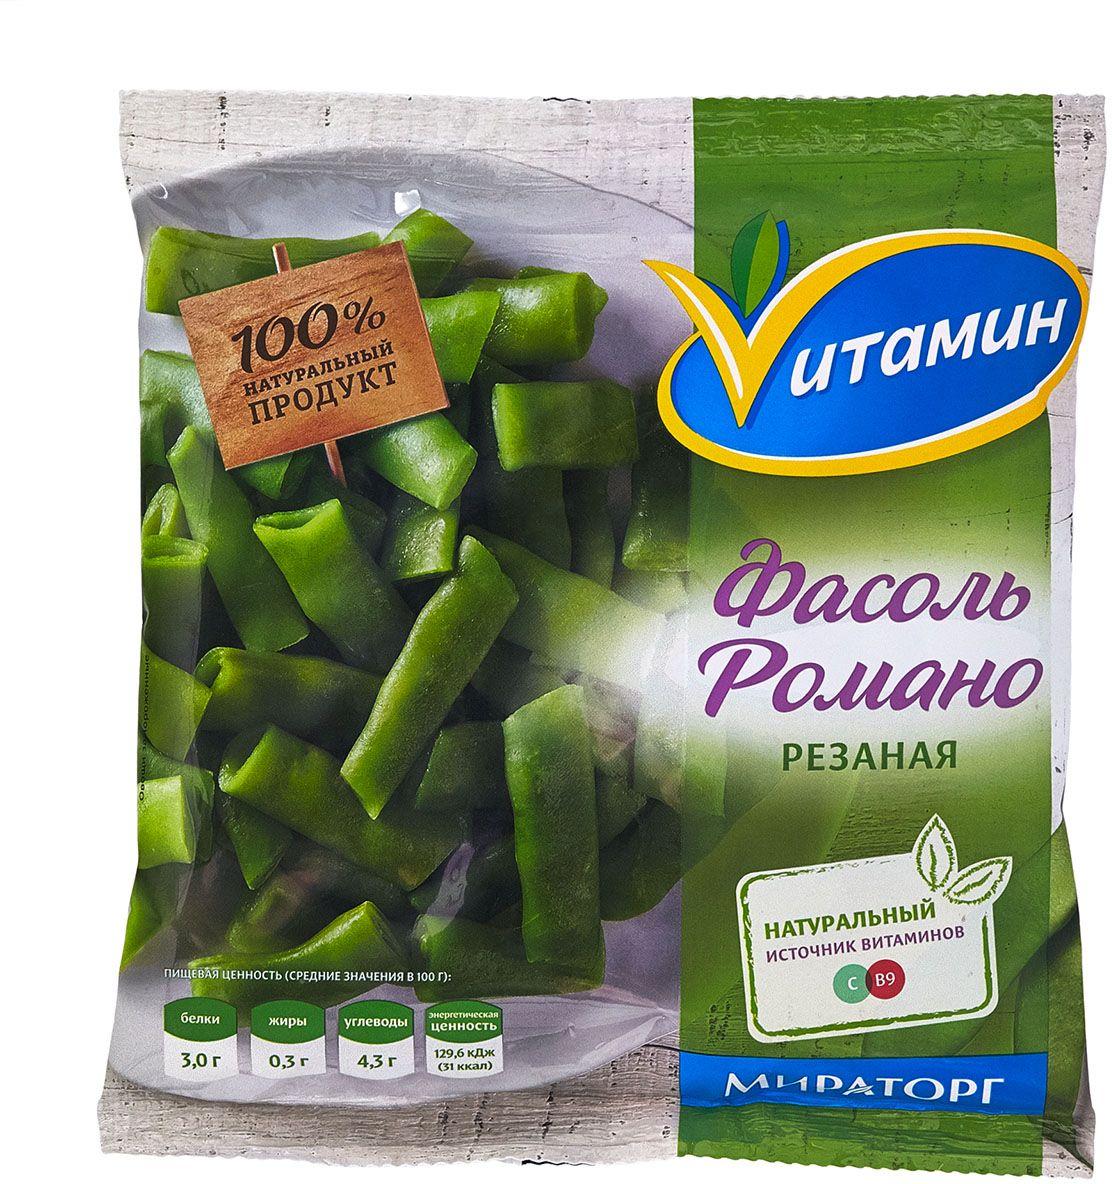 Фасоль Романо Vитамин, 400 г увелка фасоль красная 450 г